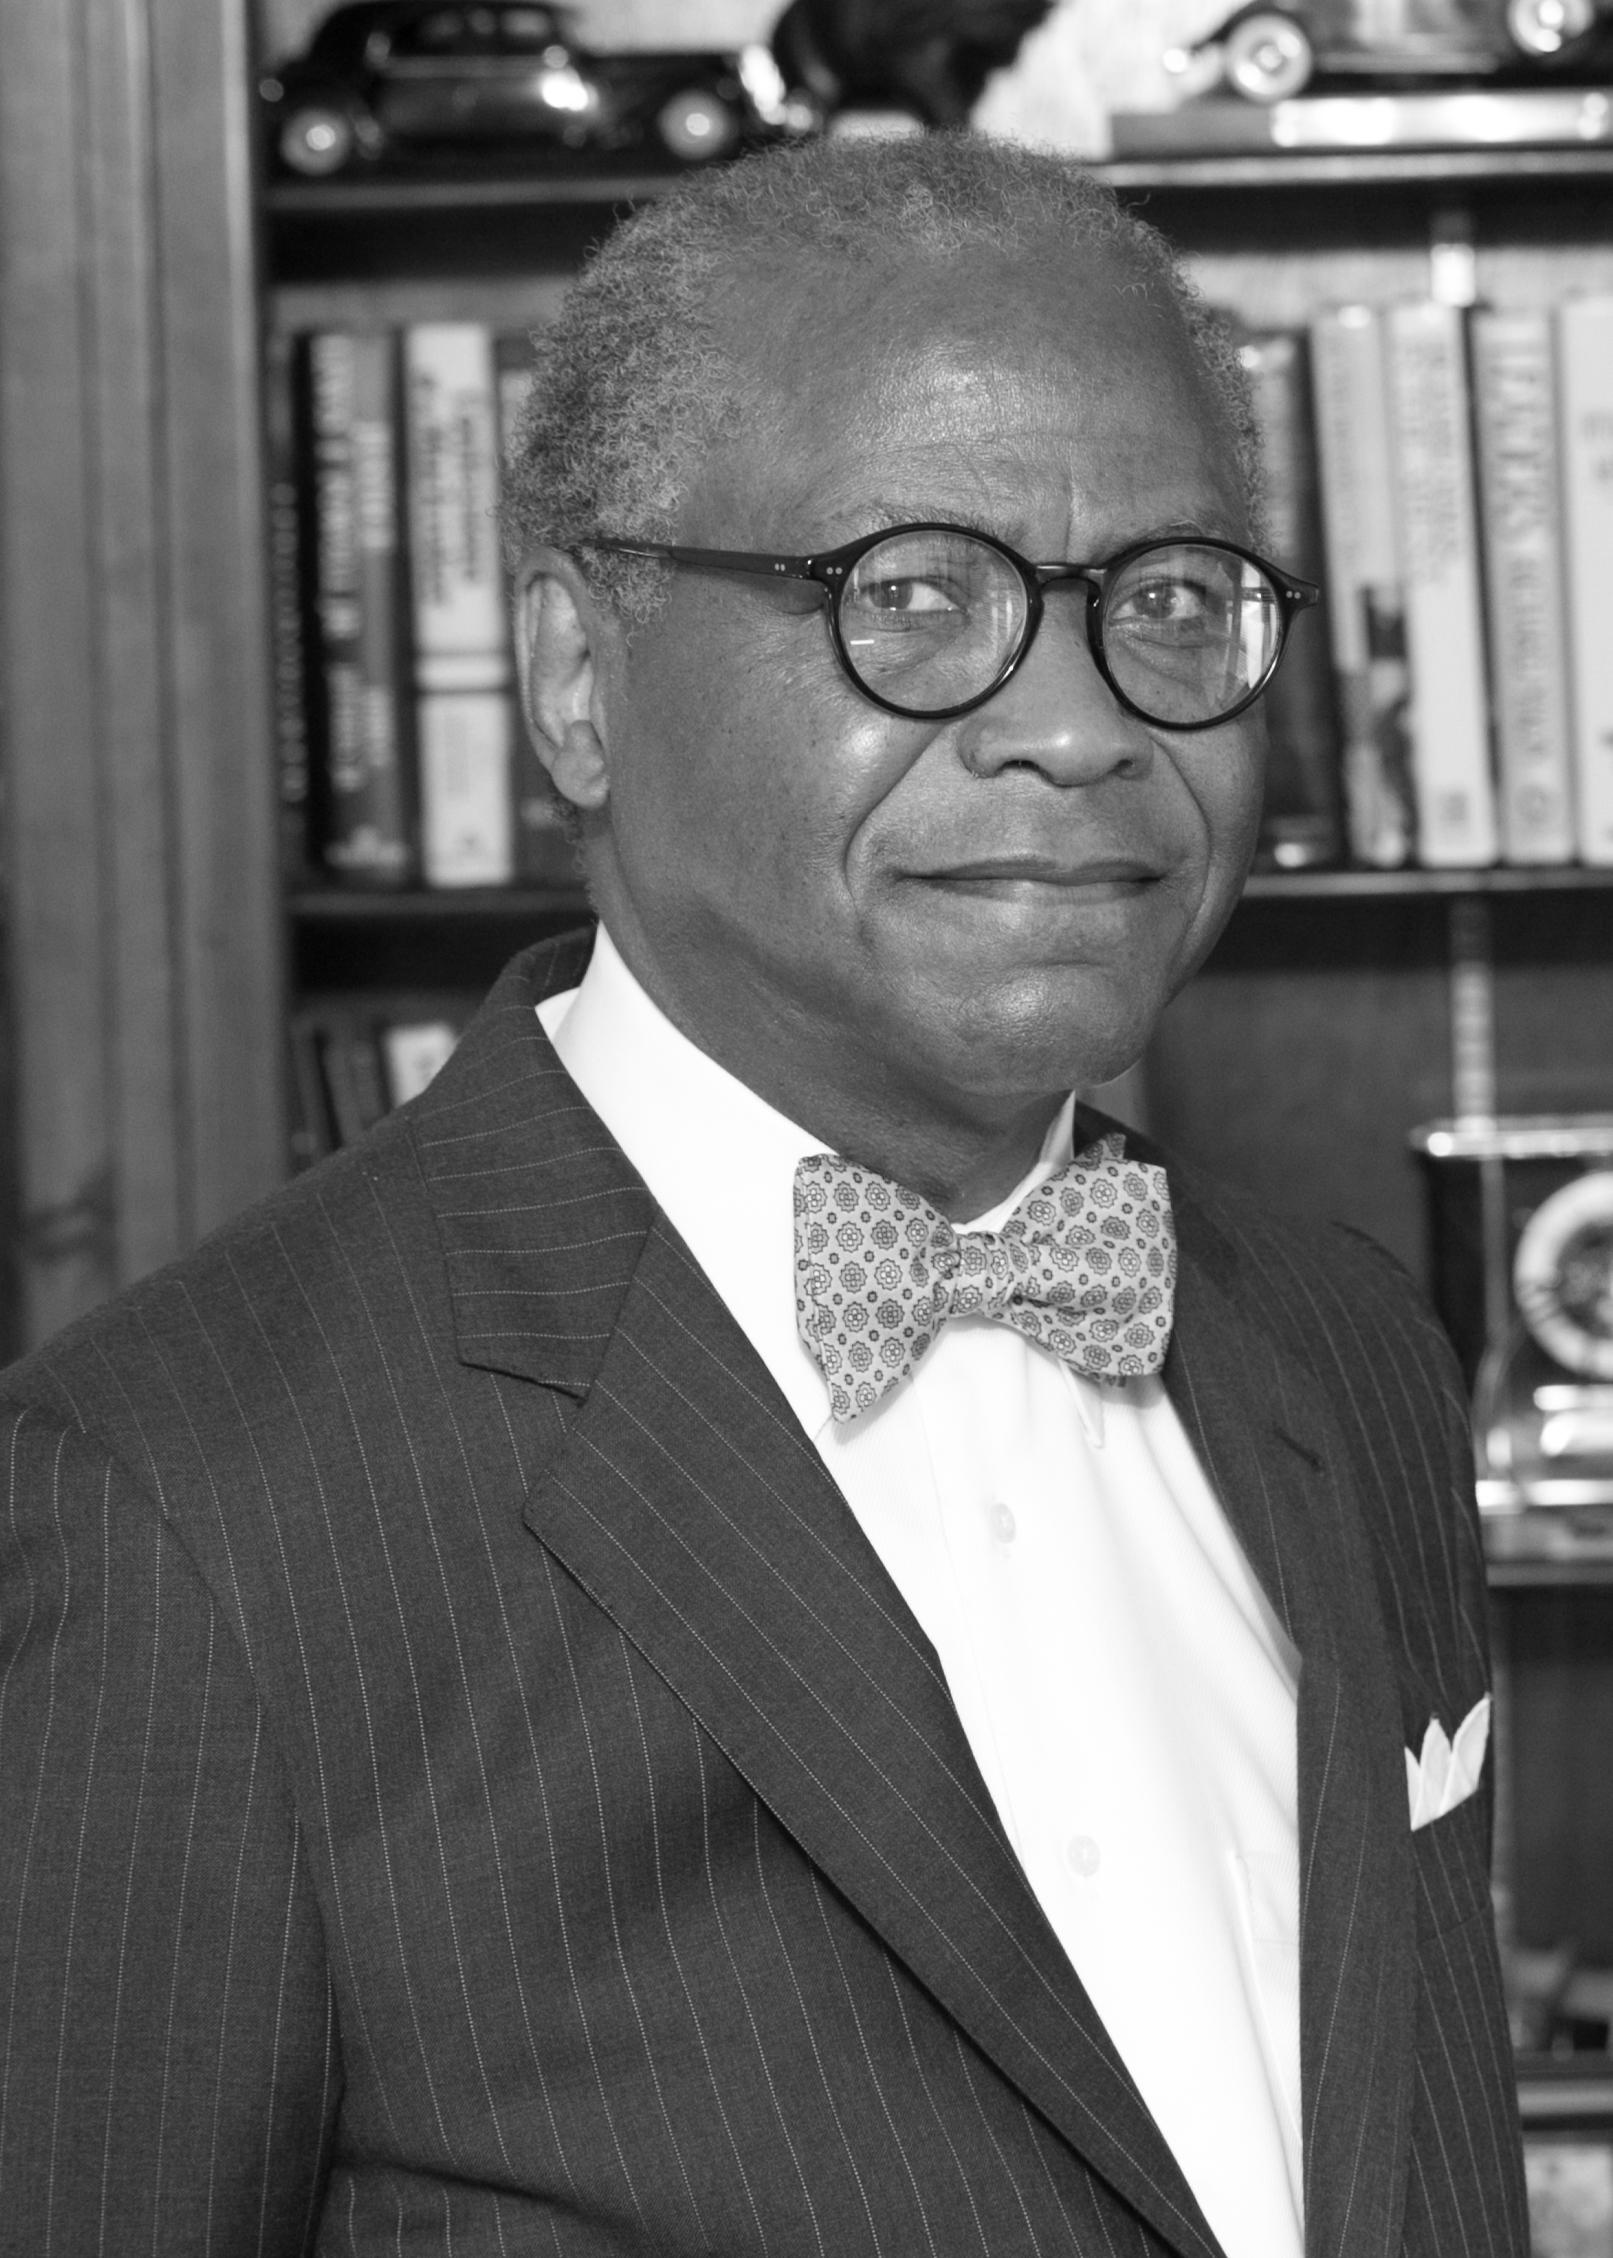 Alvin J. Schexnider